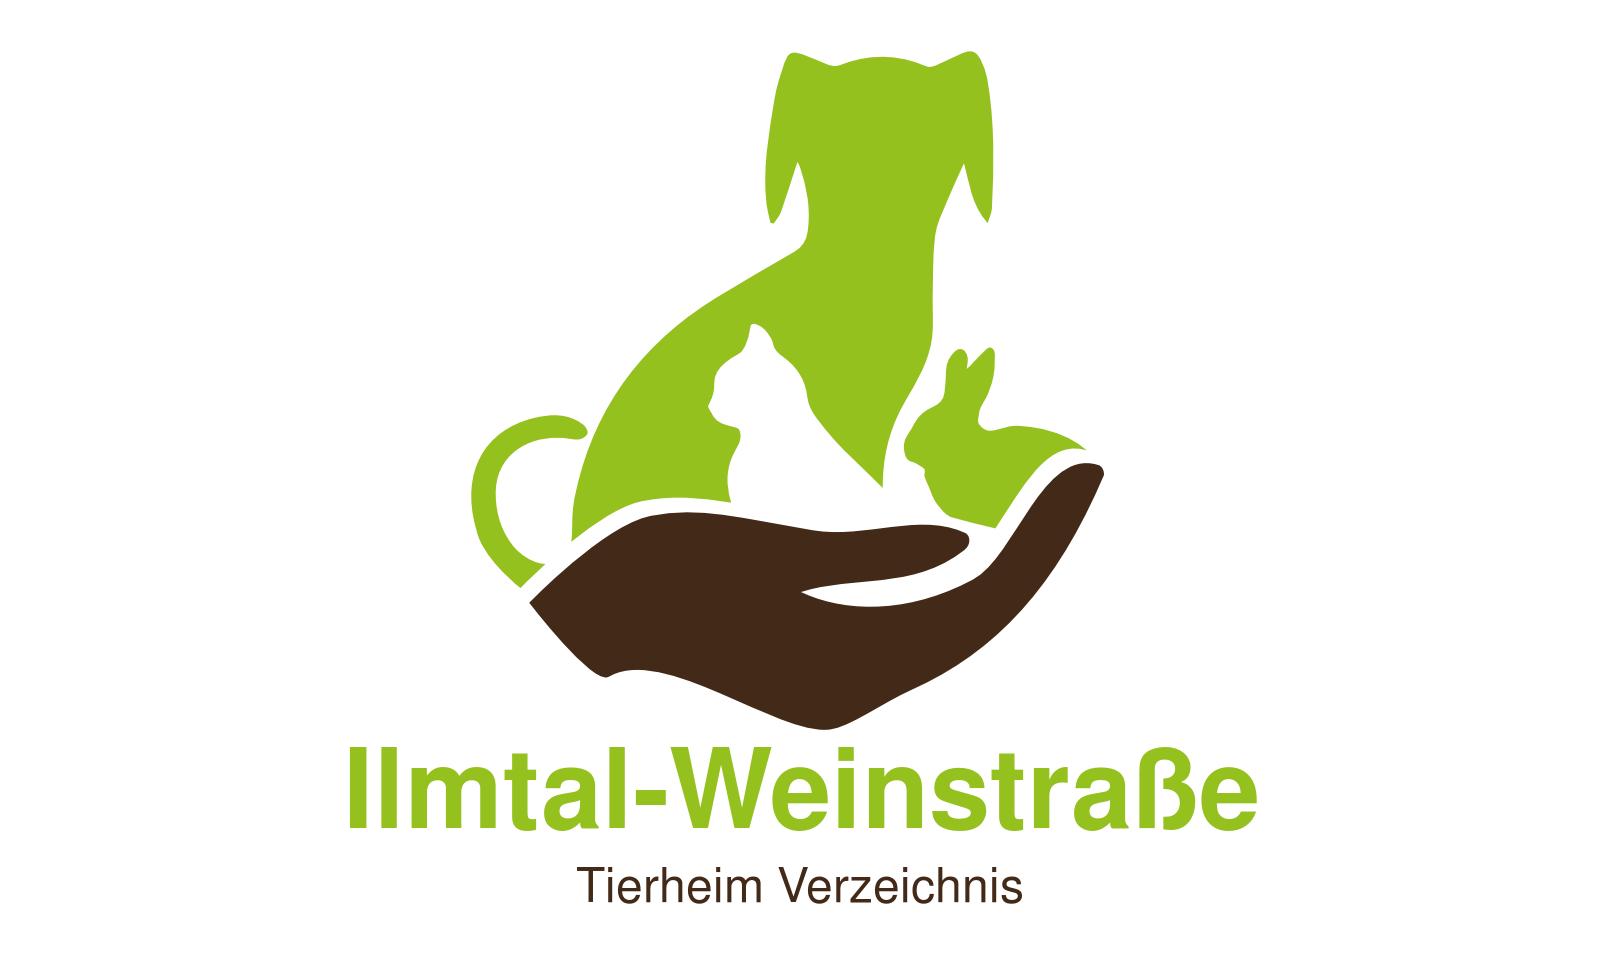 Tierheim Ilmtal-Weinstraße